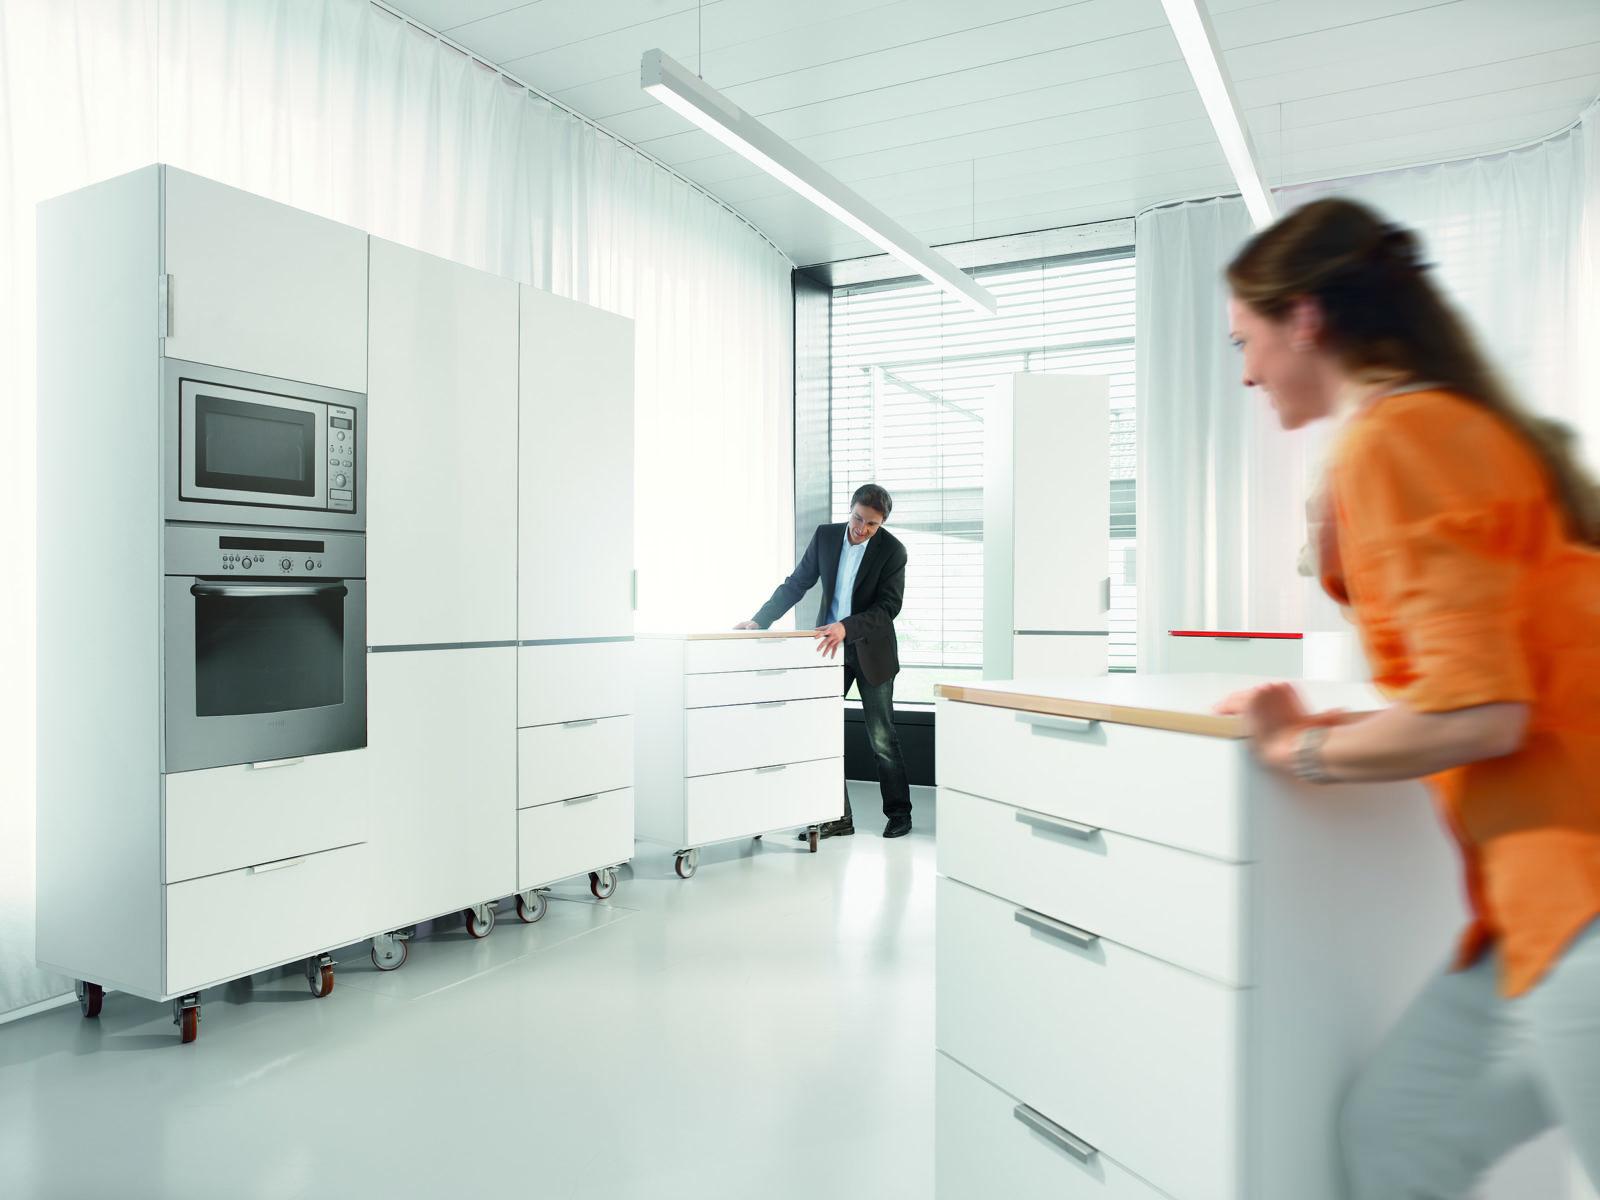 Что такое тест-драйв кухни от Blum и как он происходит? Смоделировать проект кухни с корпусами реального размера